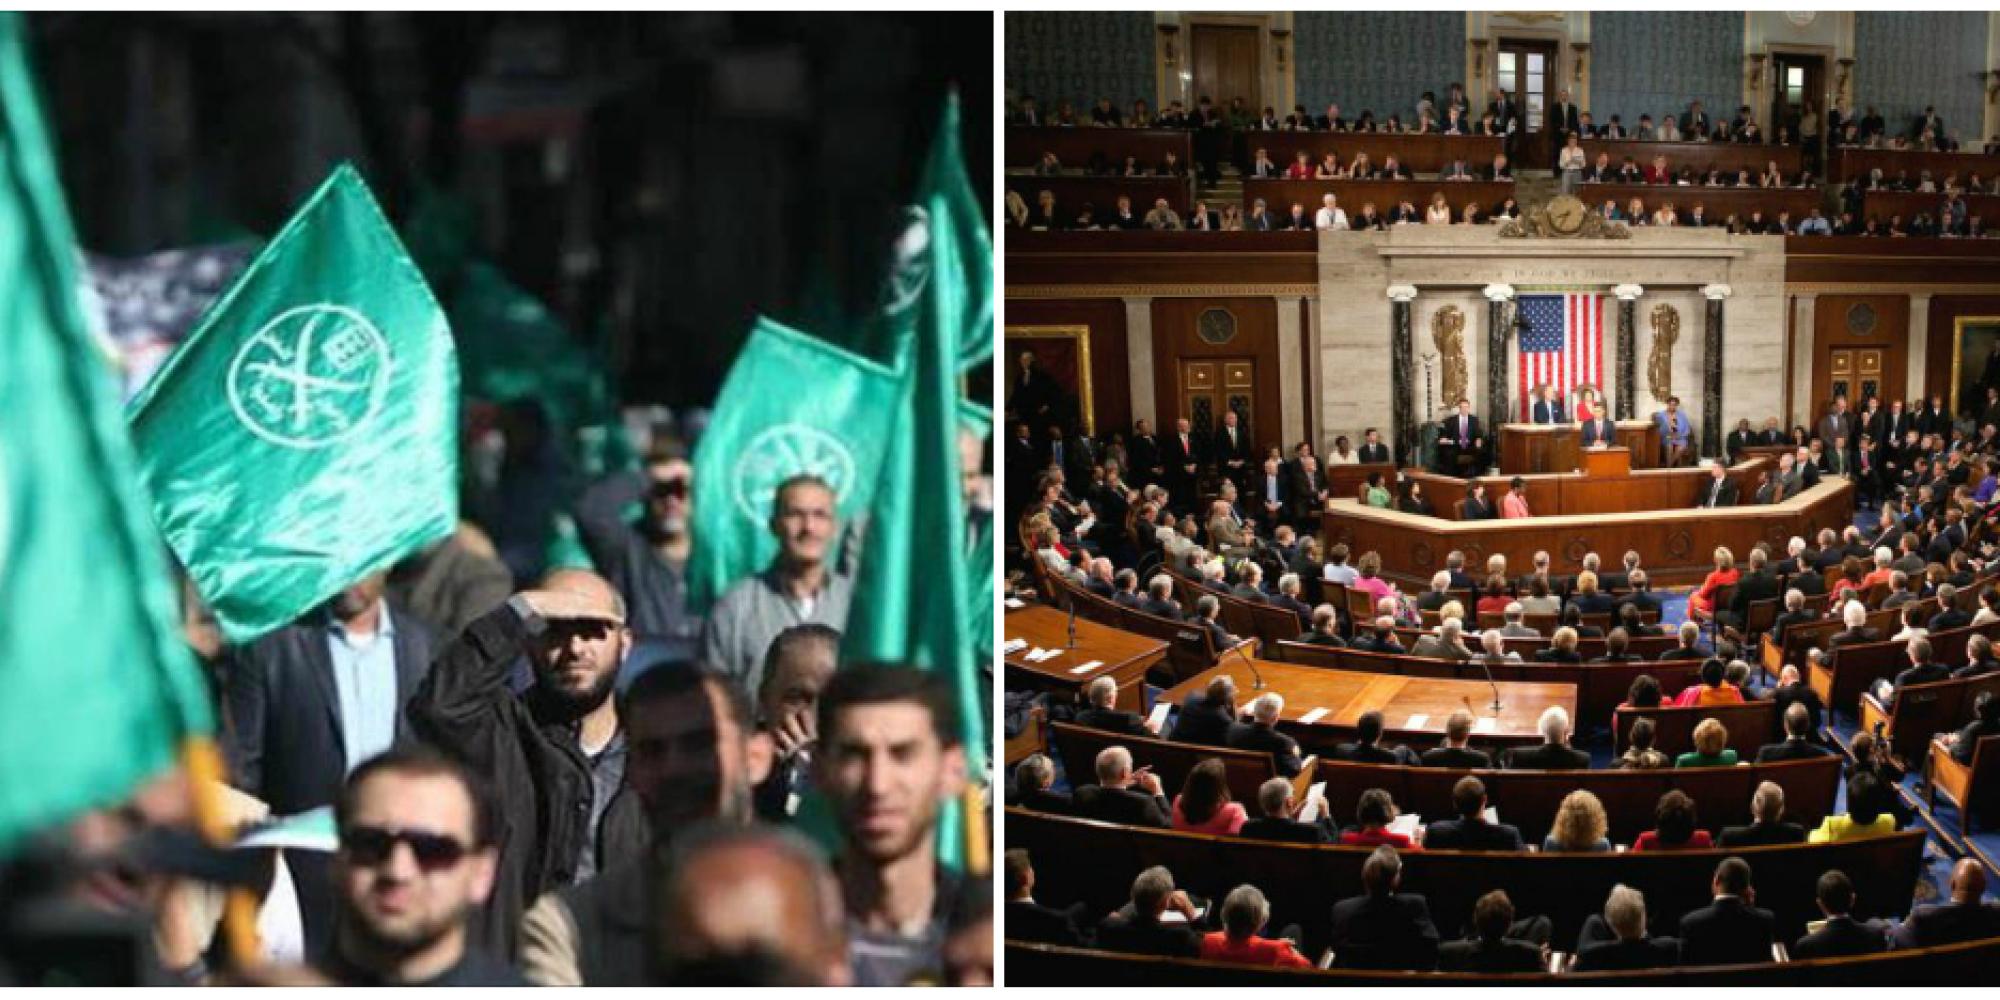 للمرة الخامسة: مشروع قانون أميركي لاعتبار الإخوان جماعة إرهابية.. فرص نجاحه كبيرة وآثاره ستمتد للجالية المسلمة